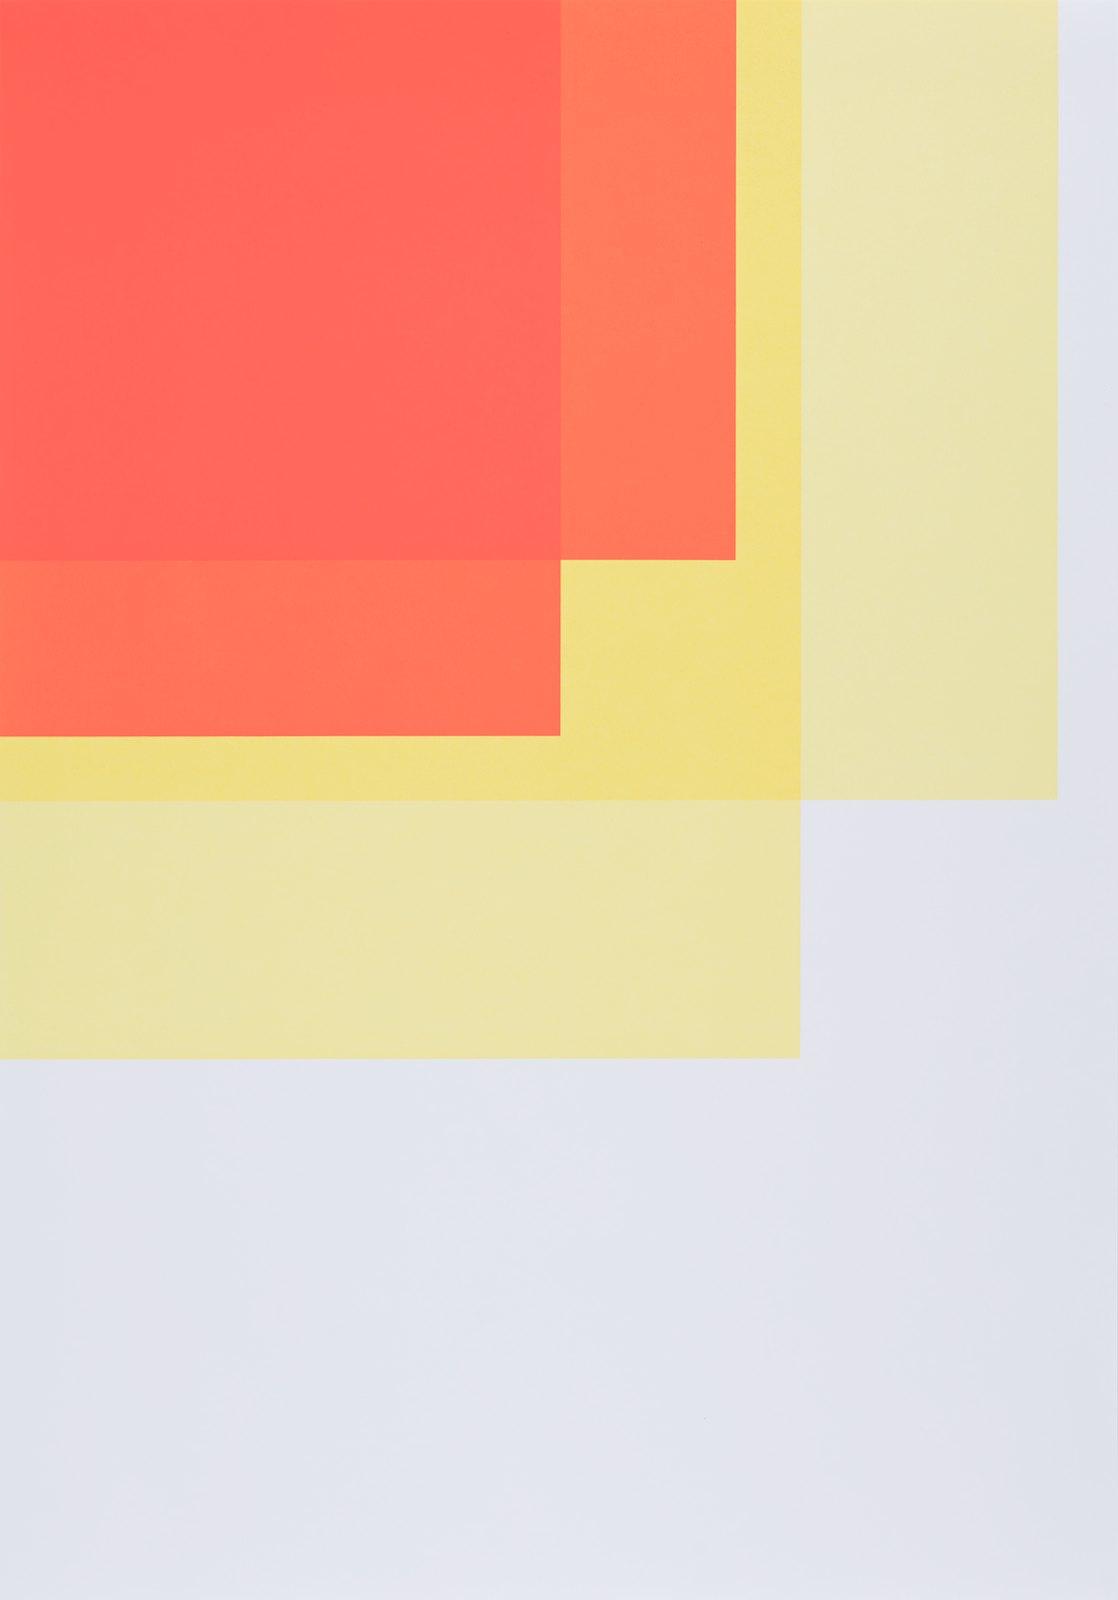 Collecting Colors (Orange/Yellow II), 2016, silkscreen print, 100 x 70 cm, Ed. 4